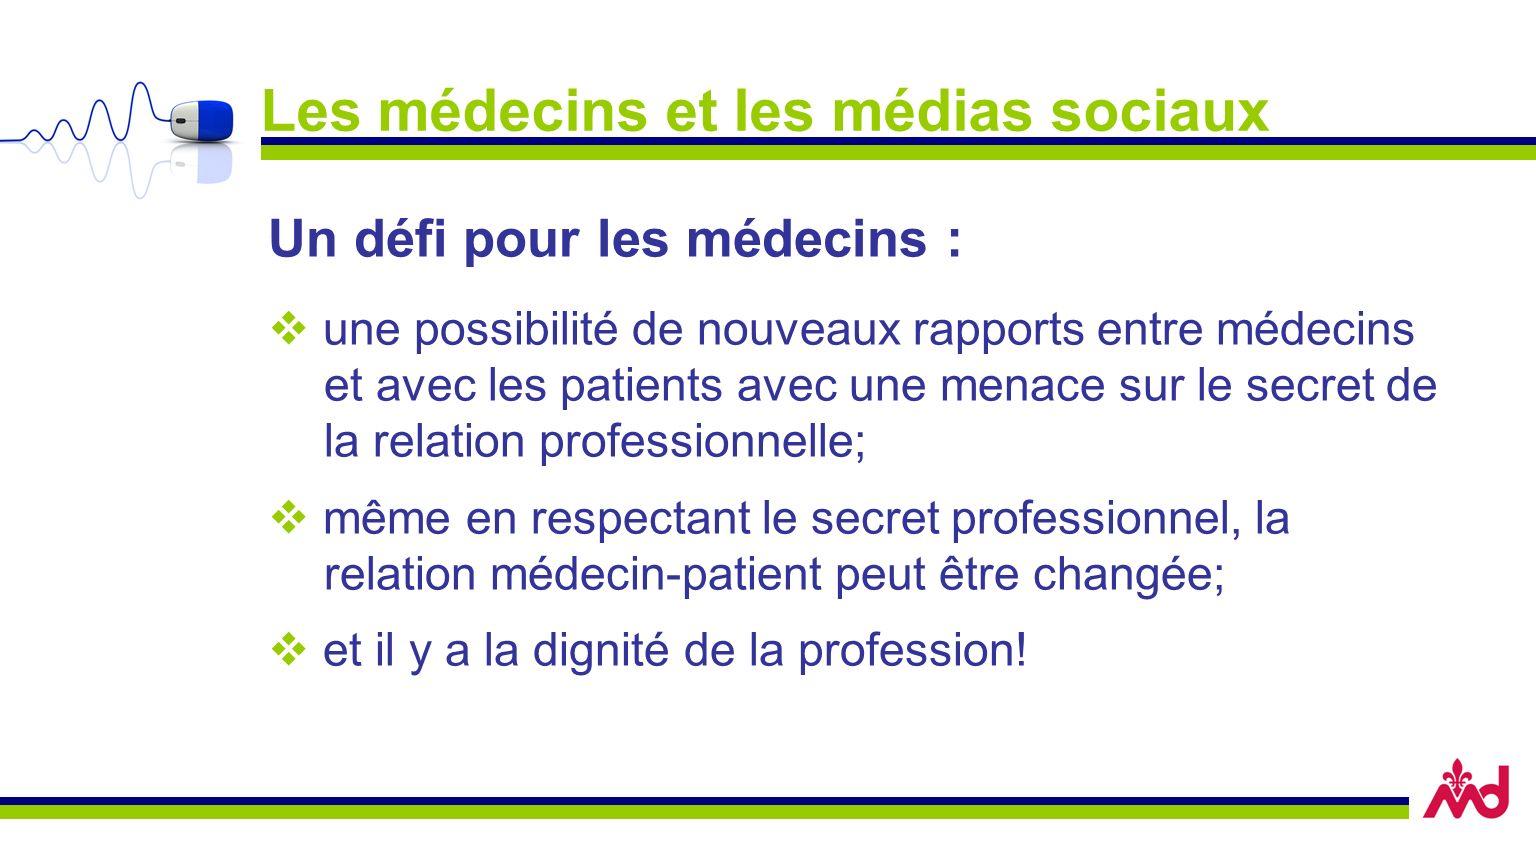 Les médecins et les médias sociaux Un défi pour les médecins : une possibilité de nouveaux rapports entre médecins et avec les patients avec une menace sur le secret de la relation professionnelle; même en respectant le secret professionnel, la relation médecin-patient peut être changée; et il y a la dignité de la profession!